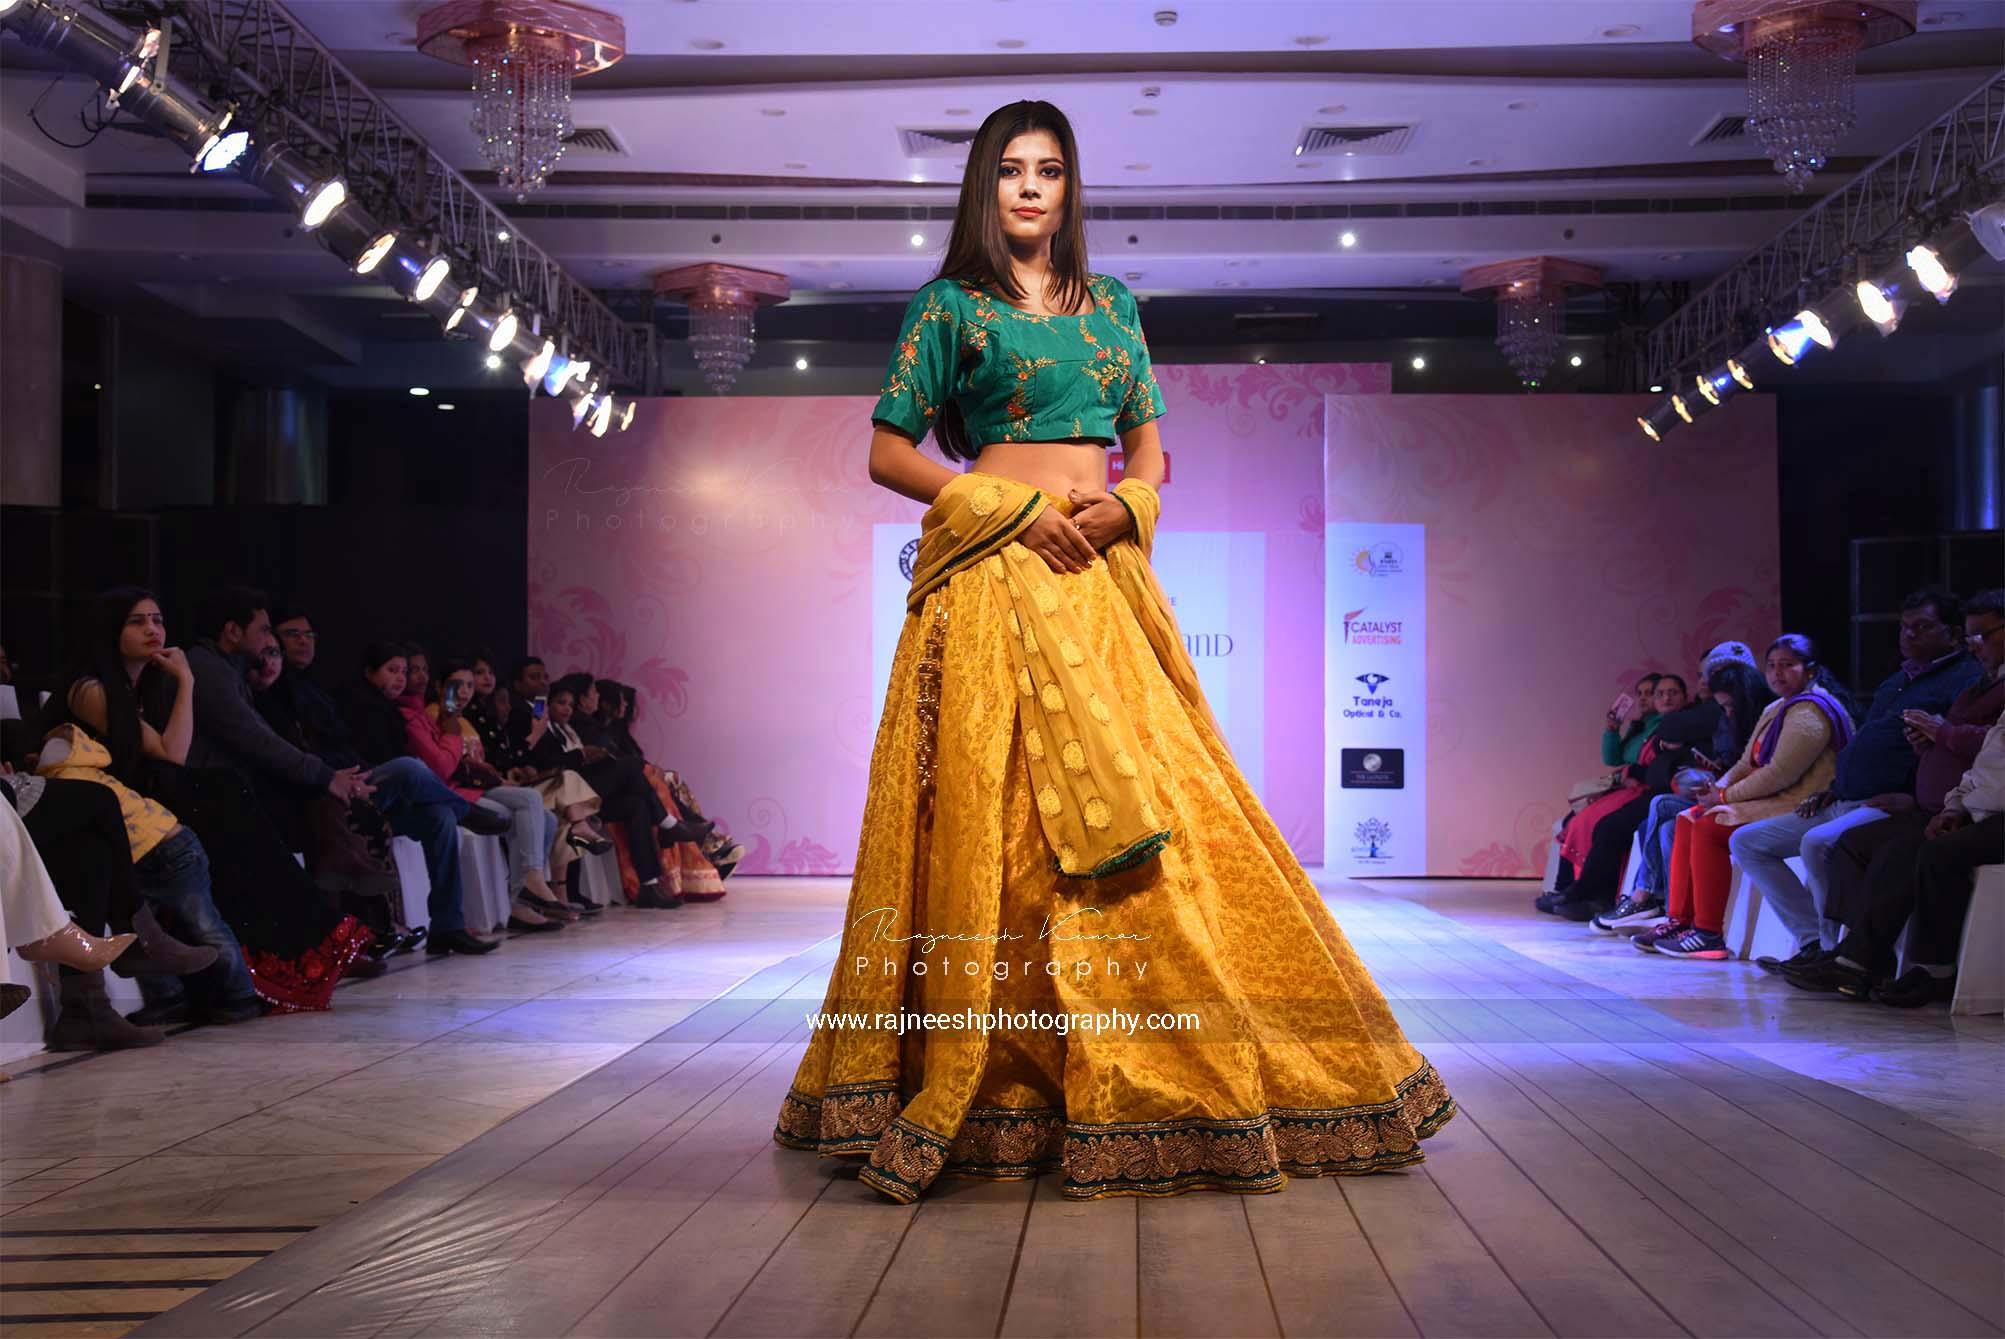 Fashion & Modelling Rajneesh Photography